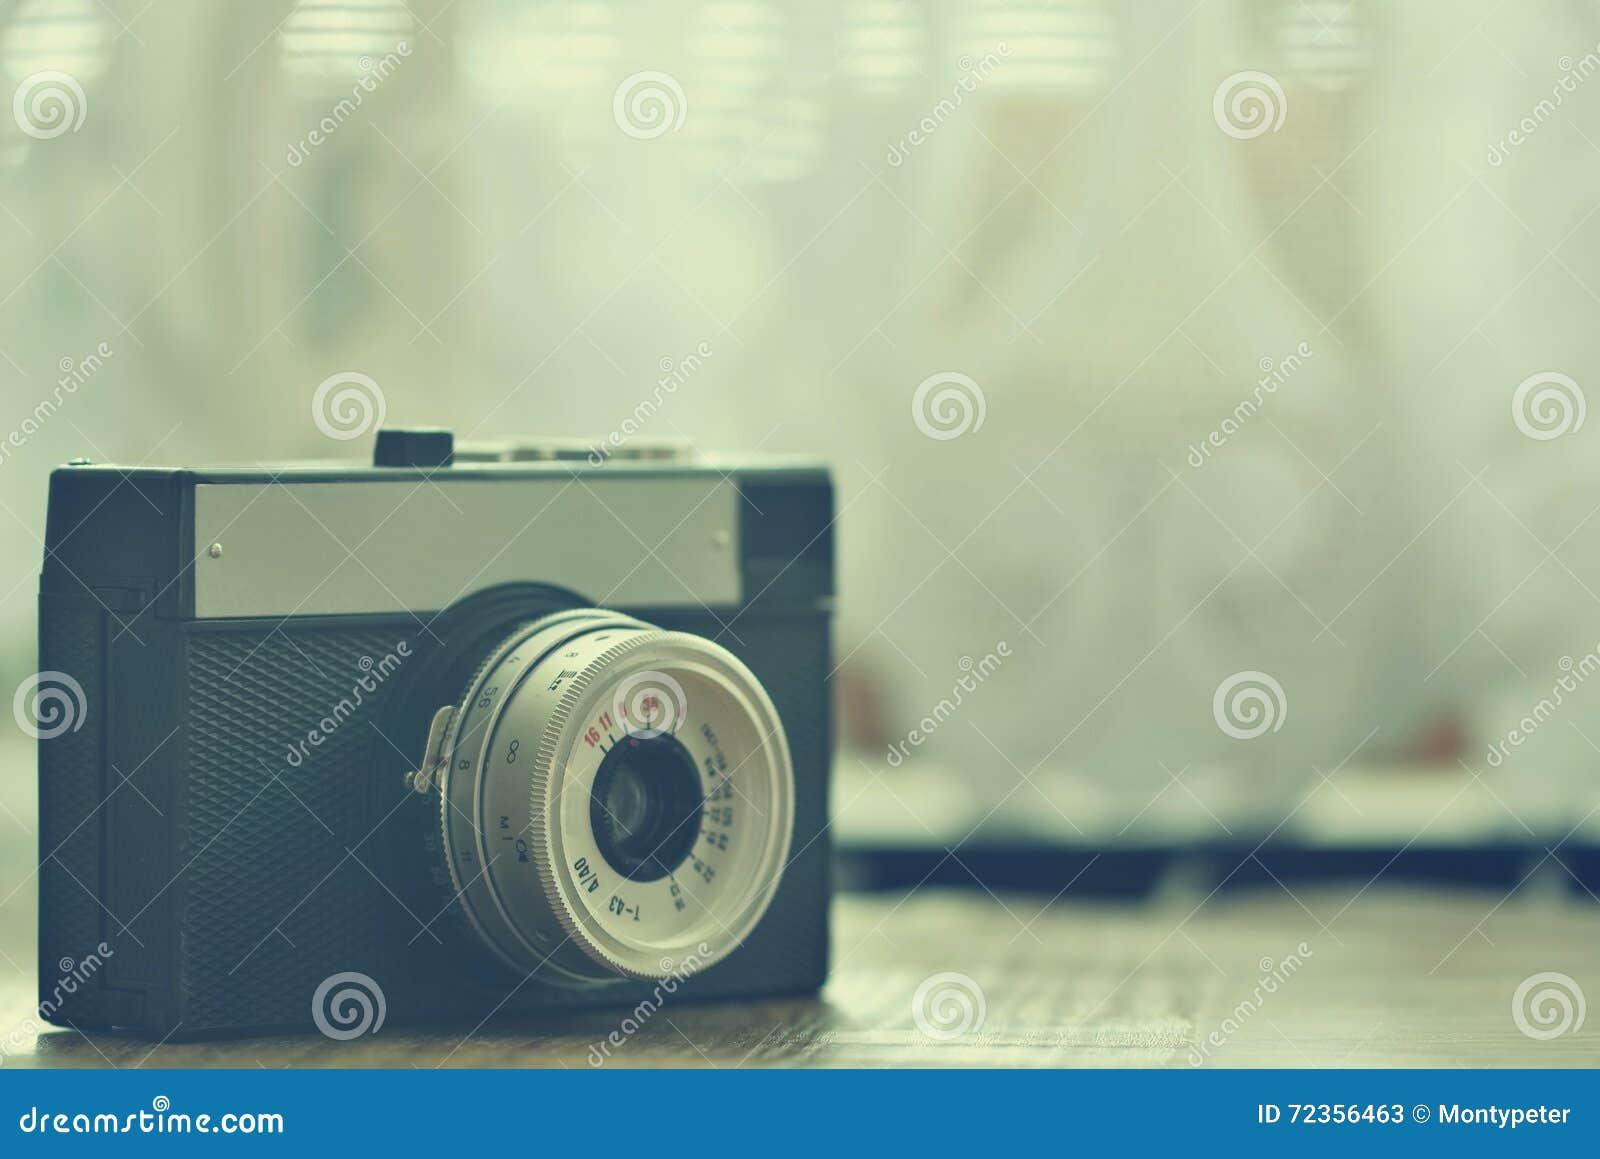 俄国老模式照相机 老减速火箭的照片